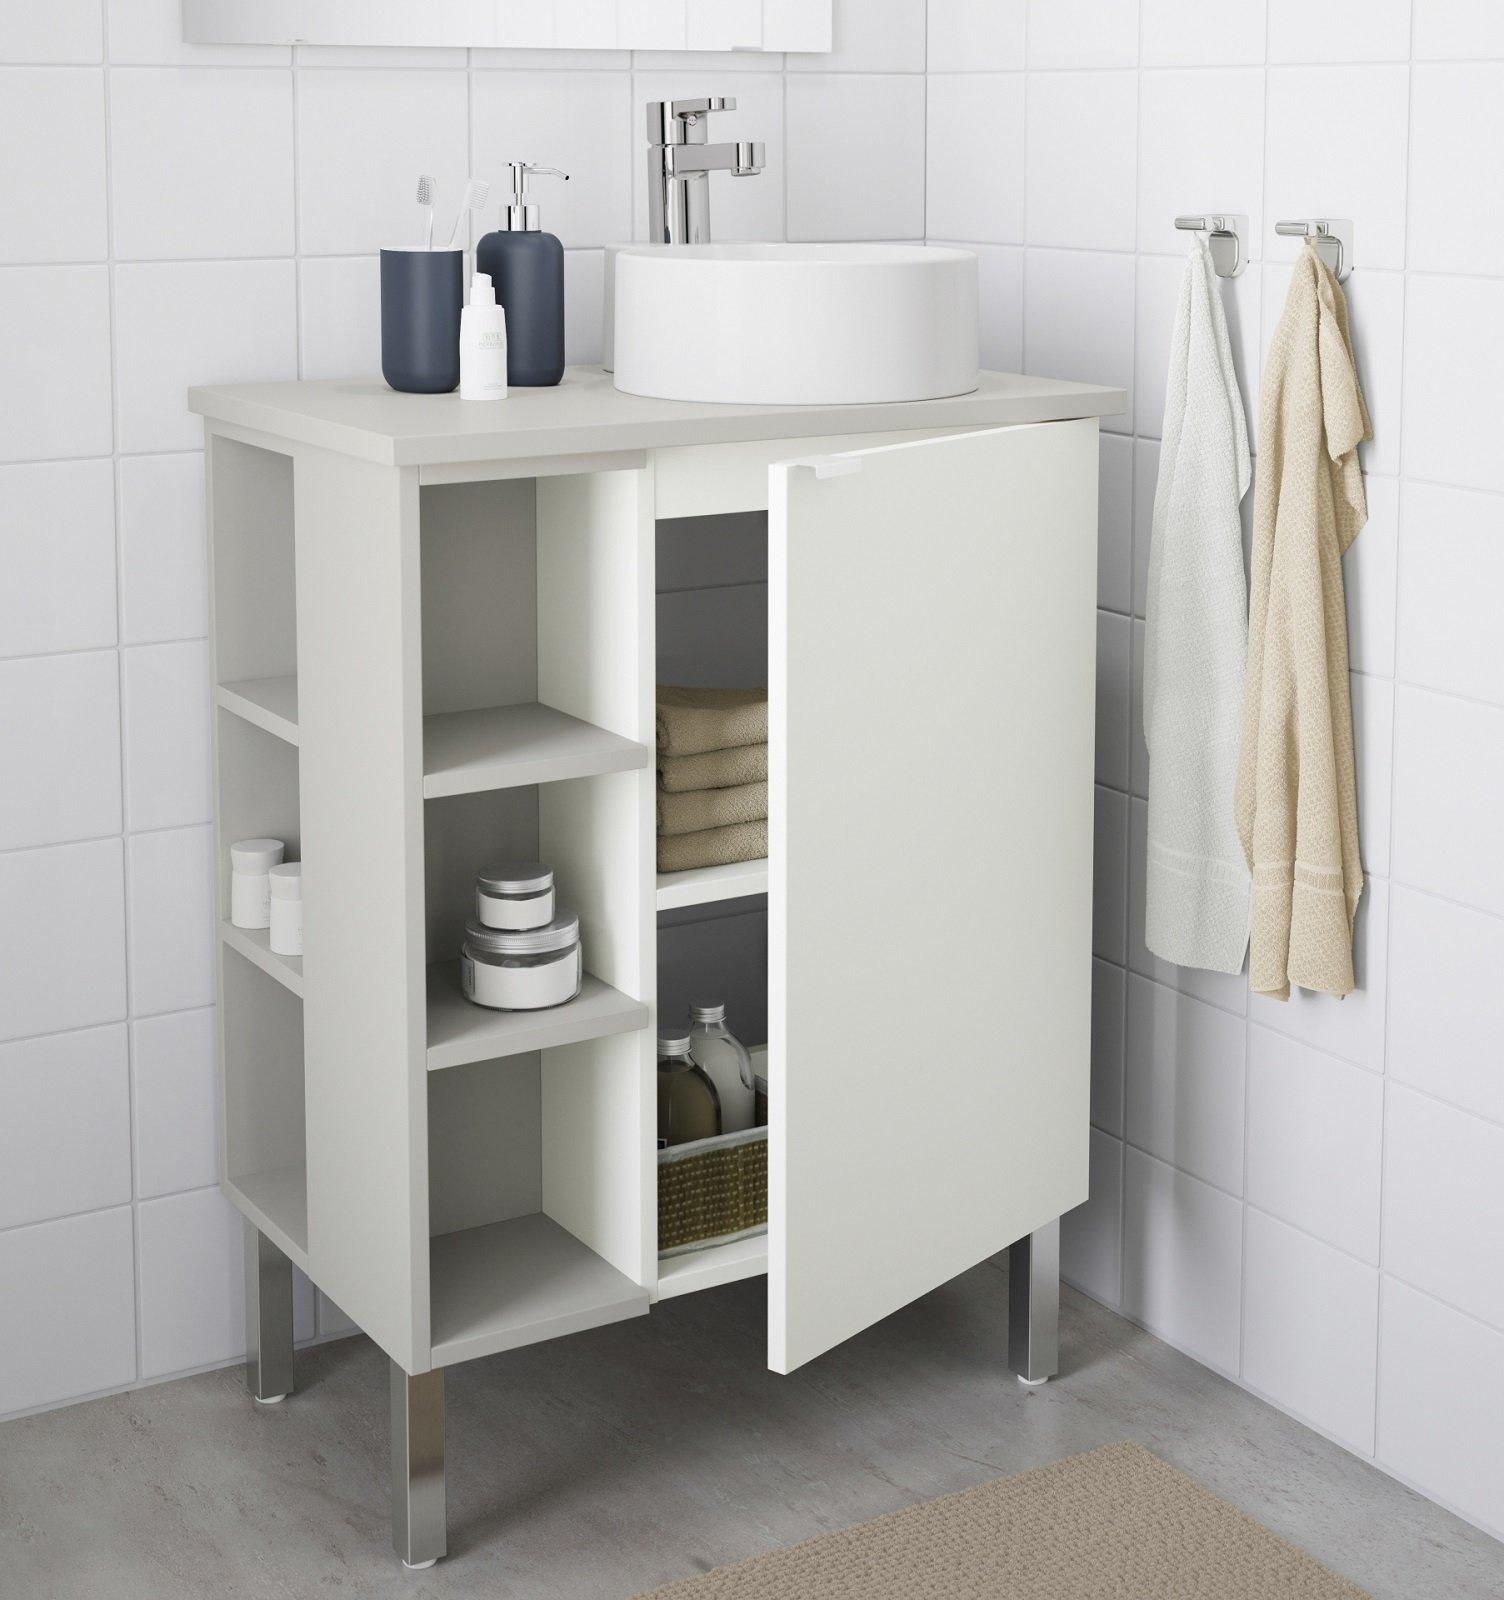 Sanitari ikea beautiful arredo bagno ikea tags arredo bagno ikea arredo bagno cerasa arredo - Ikea idee bagno ...